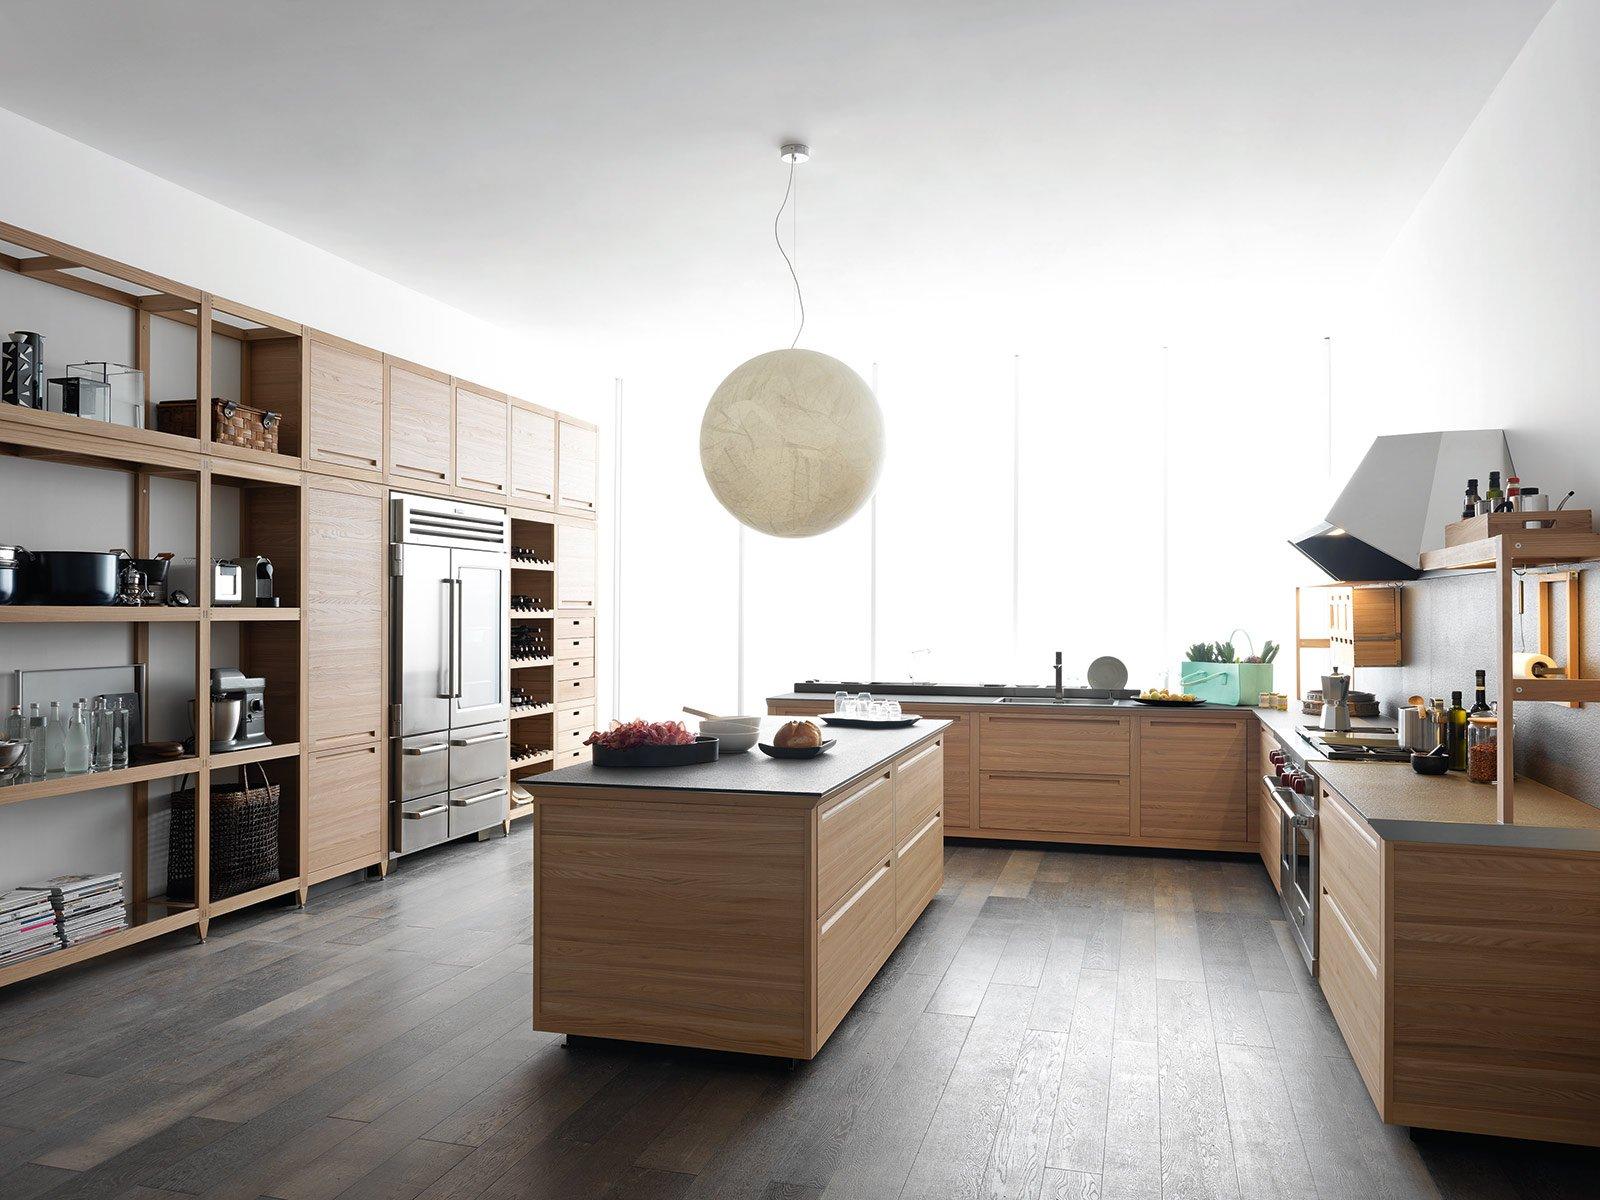 Cucine Moderne In Legno Cose Di Casa #9D652E 1600 1200 Foto Di Cucine In Arte Povera